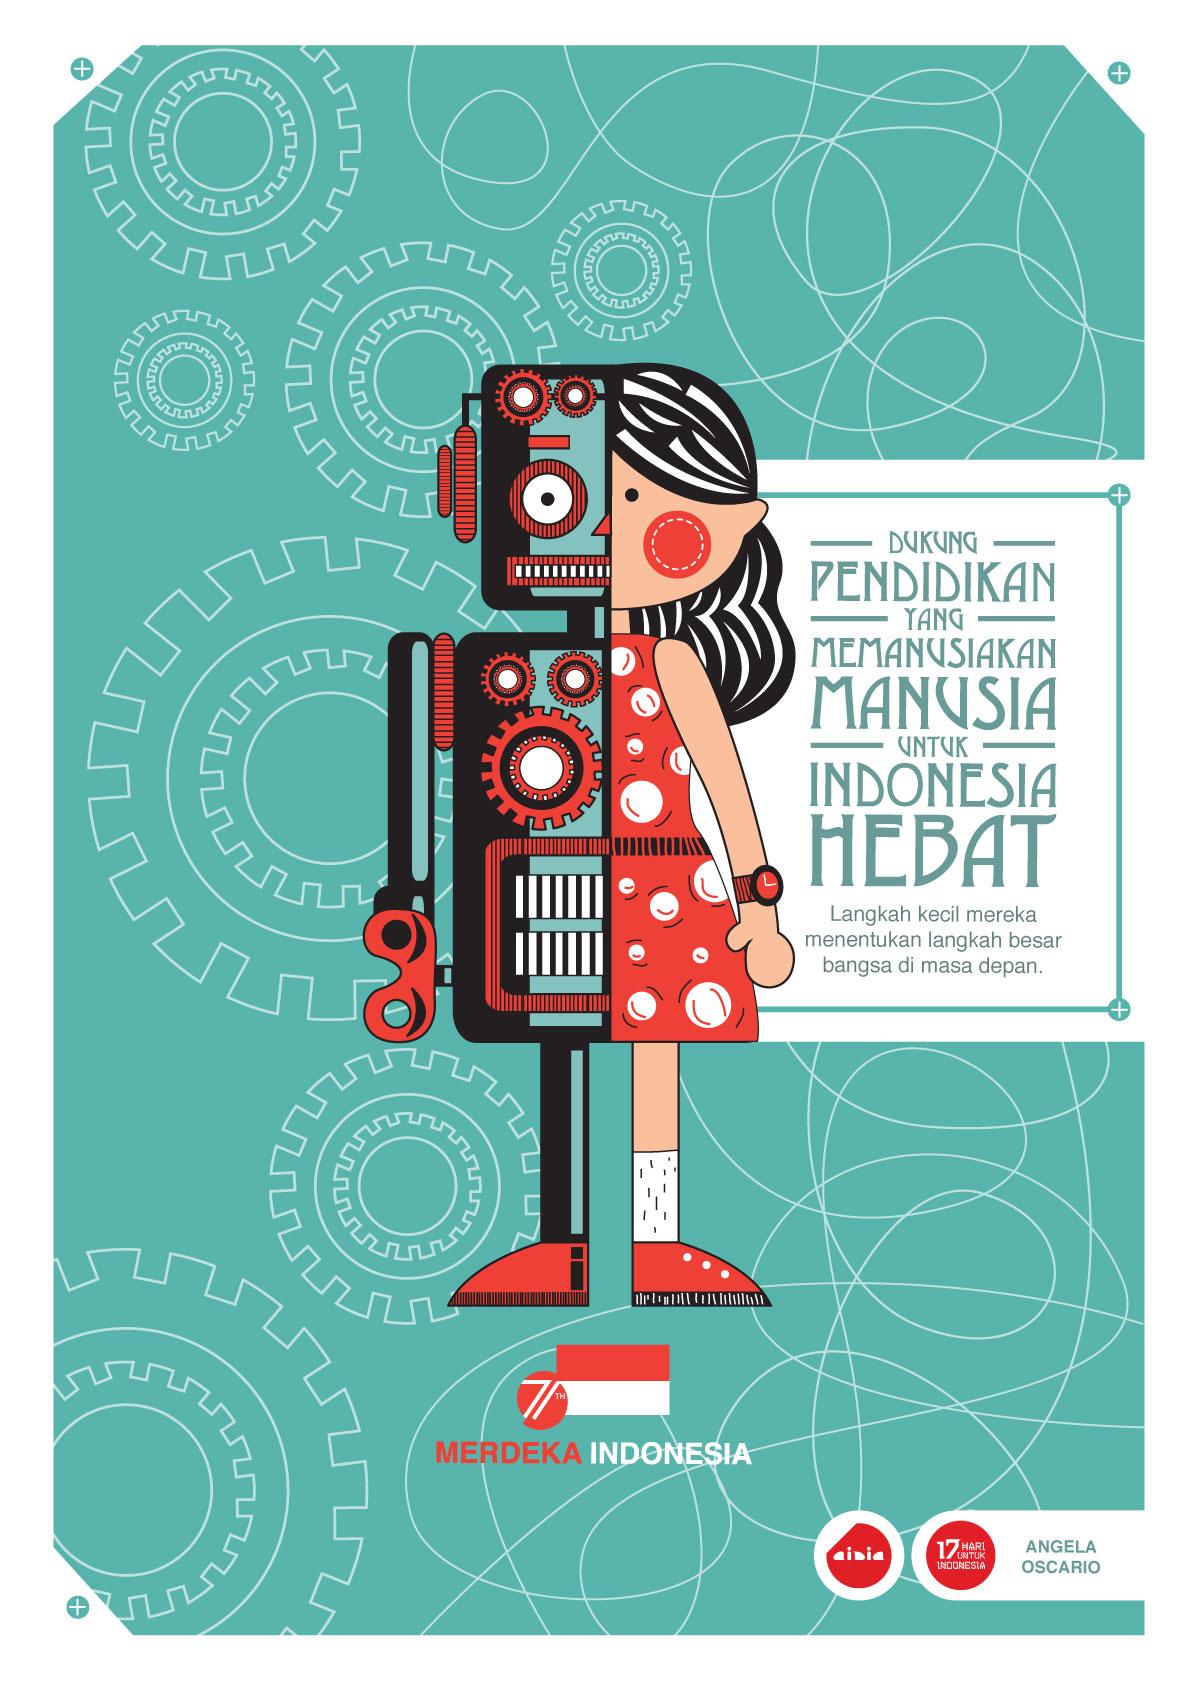 Desain Grafis Indonesia